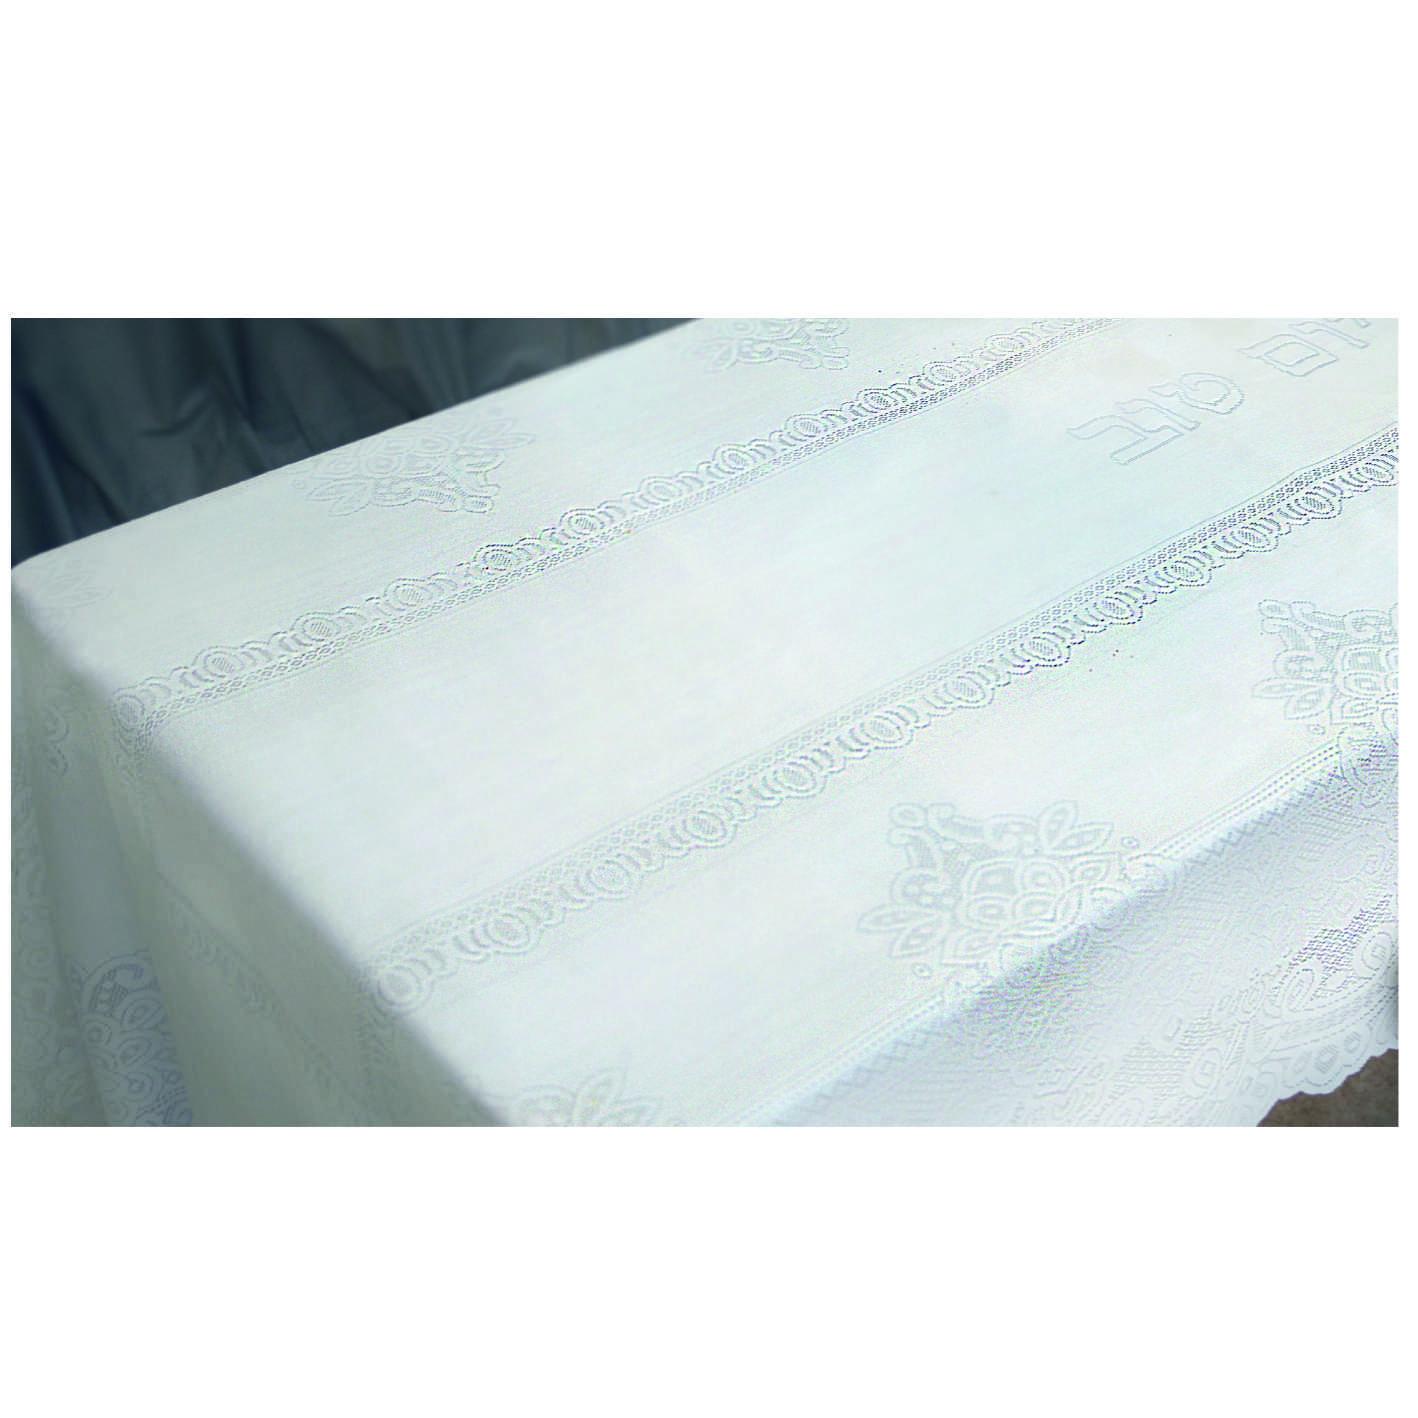 Nappe blanche pour chabat et fêtes 280X140 cm